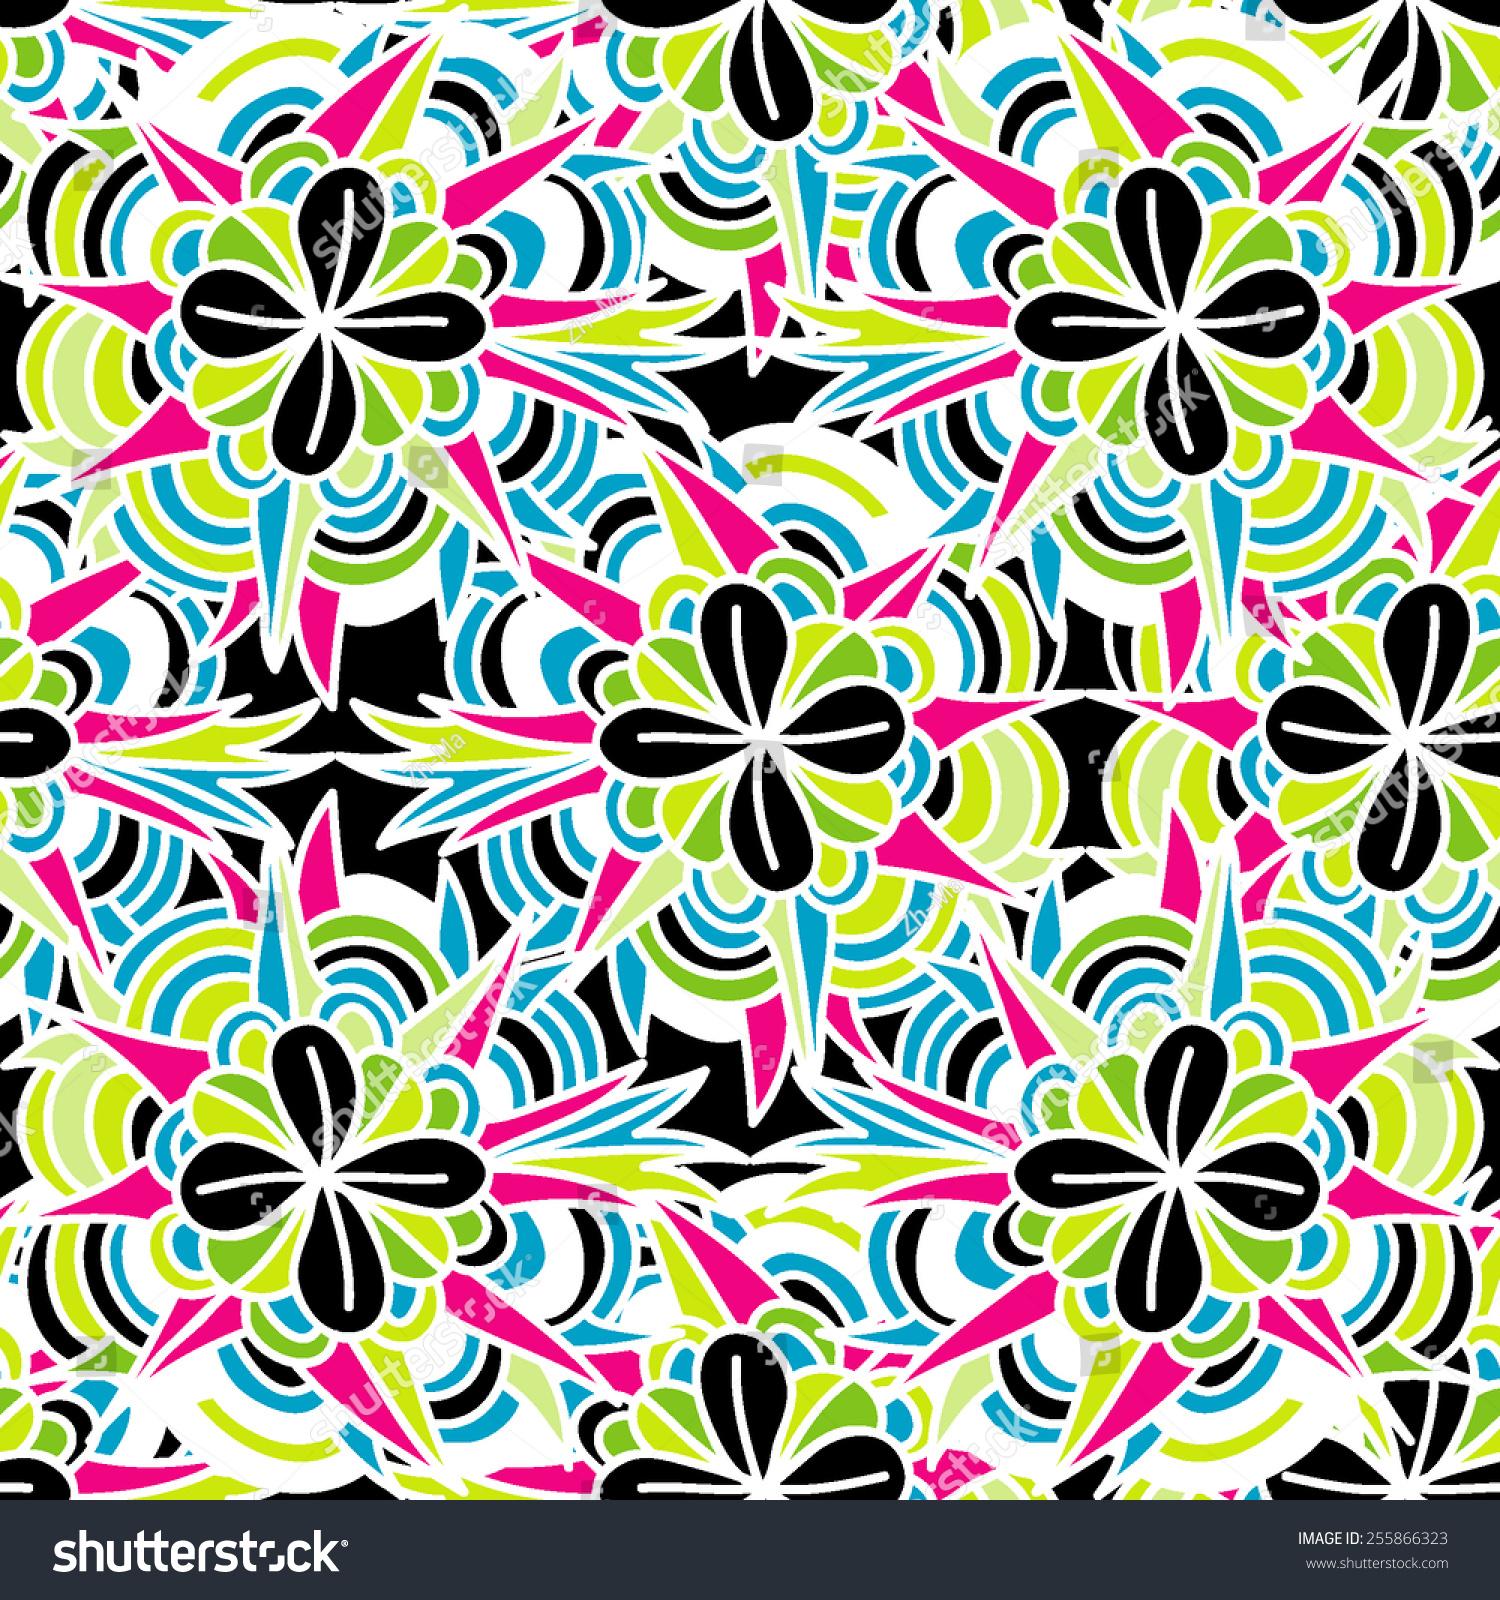 花卉矢量彩色背景。无缝的手绘图案。抽象的动机。 - 背景/素材,自然 - 站酷海洛创意正版图片,视频,音乐素材交易平台 - Shutterstock中国独家合作伙伴 - 站酷旗下品牌